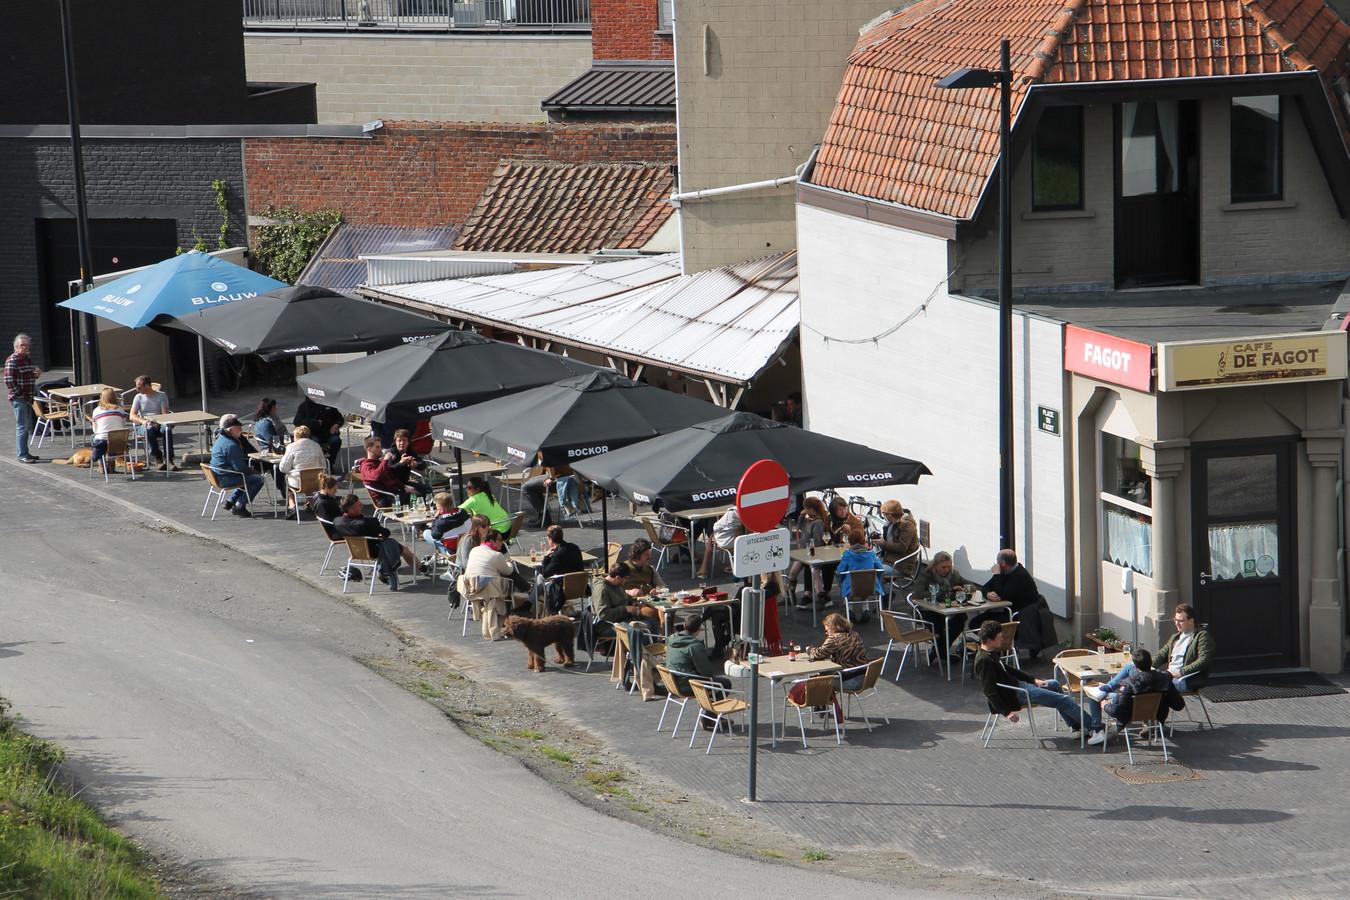 De heropening van de terrassen lokte meteen heel wat volk naar De Fagot.